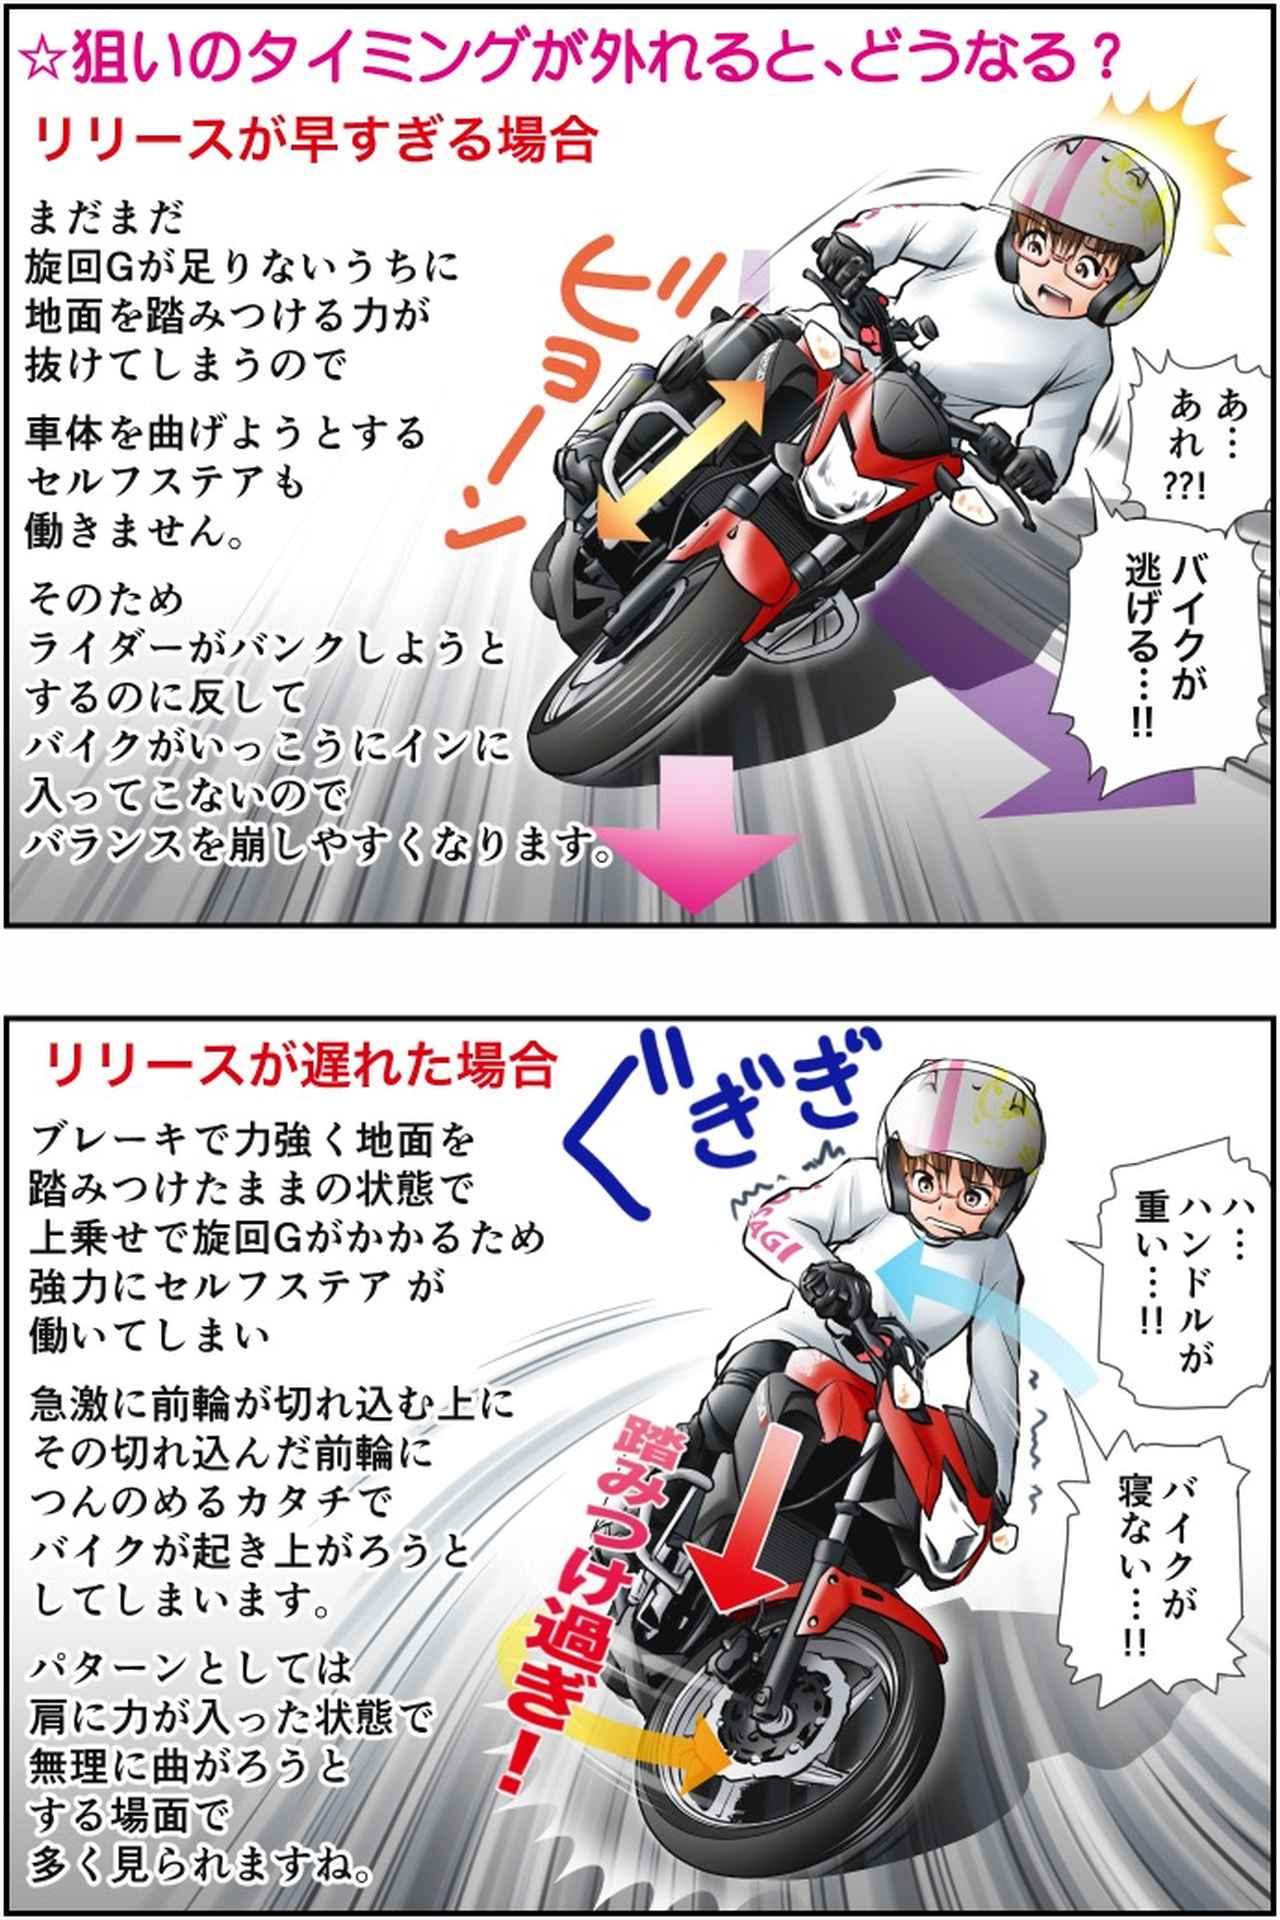 画像3: Motoジム! おまけのコーナー (ブレーキリリースで変わるターンイン!)  作・ばどみゅーみん